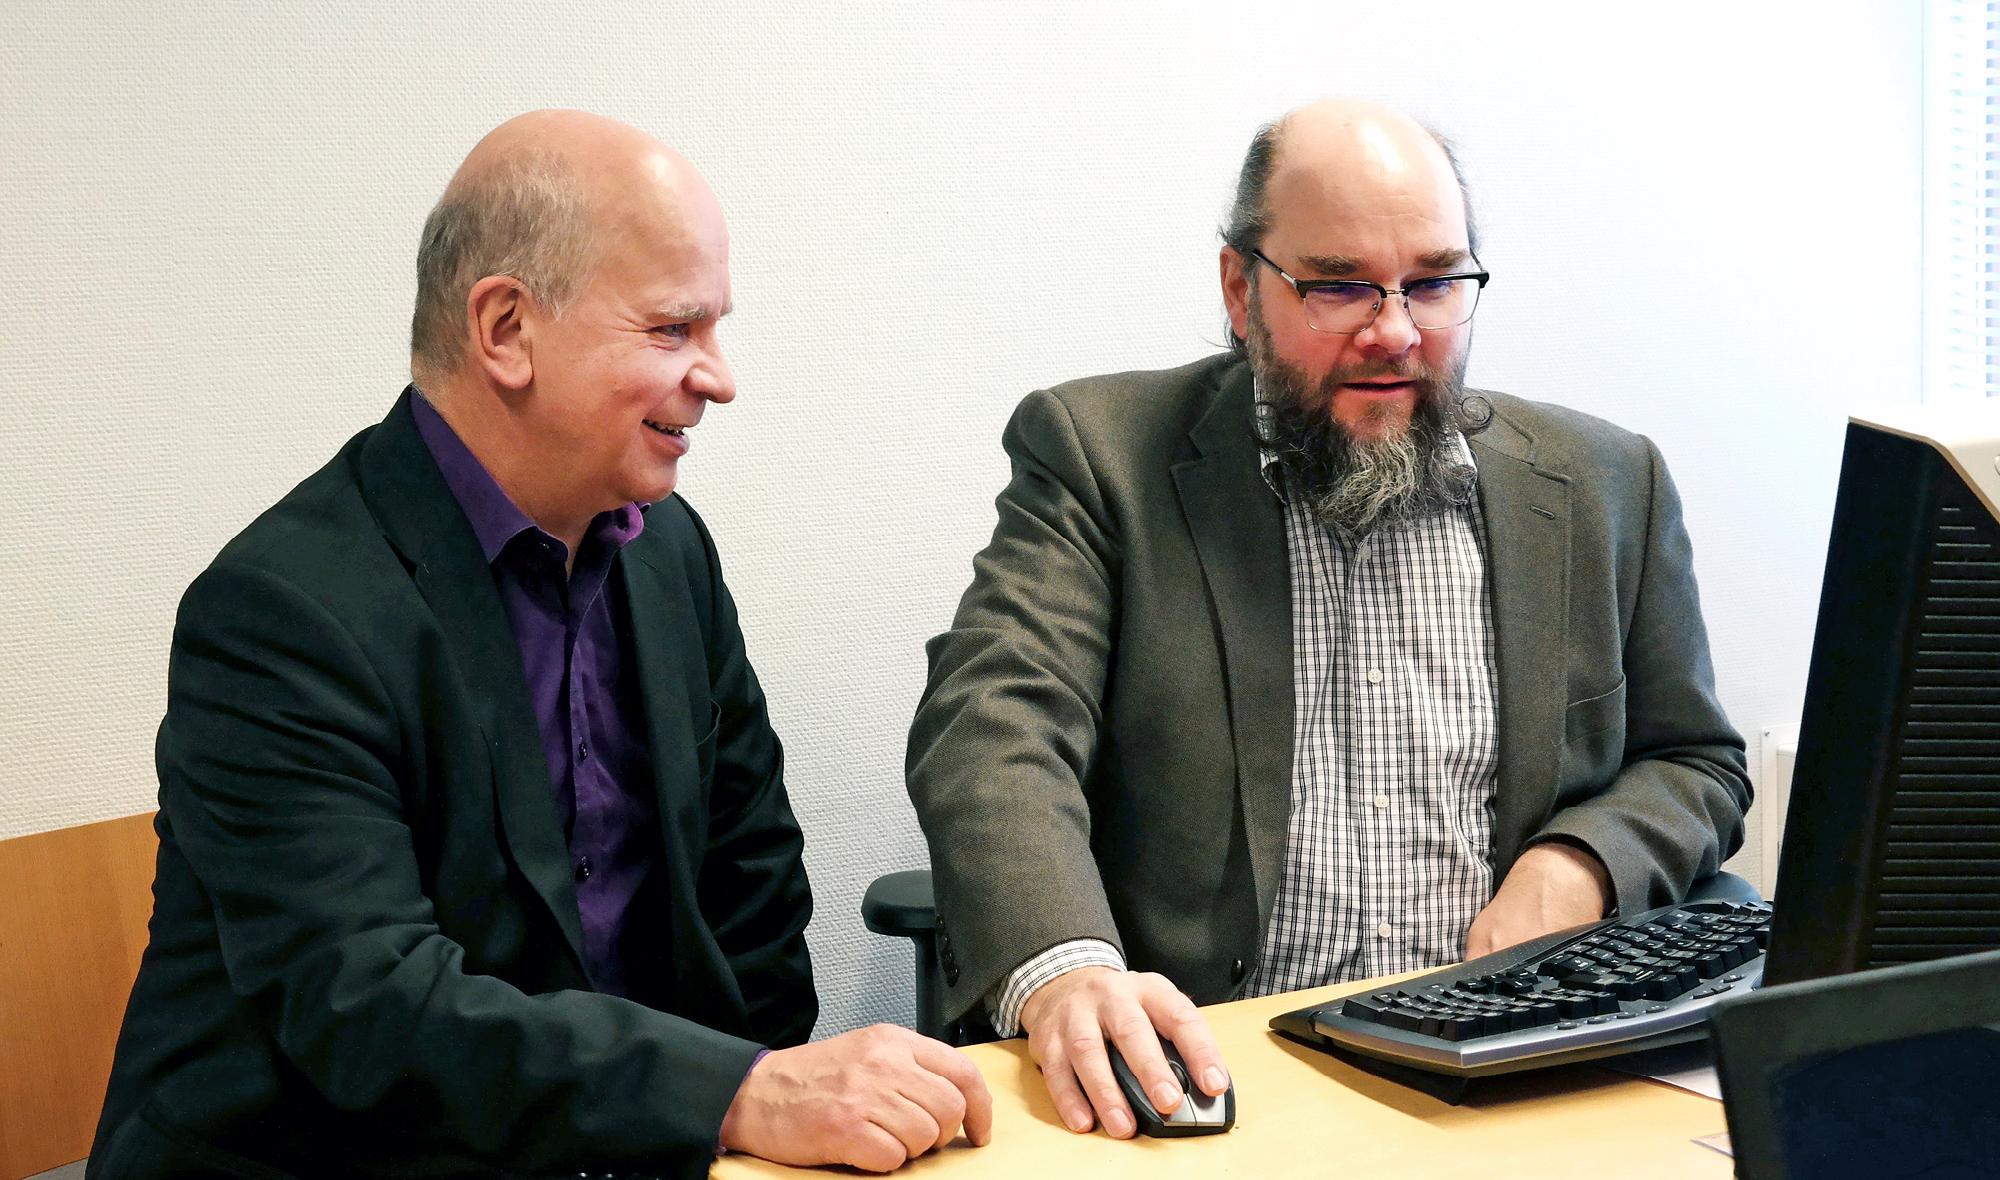 – Paikallinen sopiminen vaatii osaamista, työyhteisövalmentajiksi ryhtyneet DI Aimo Leskelä ja insinööri Mika Kortelainen sanovat.